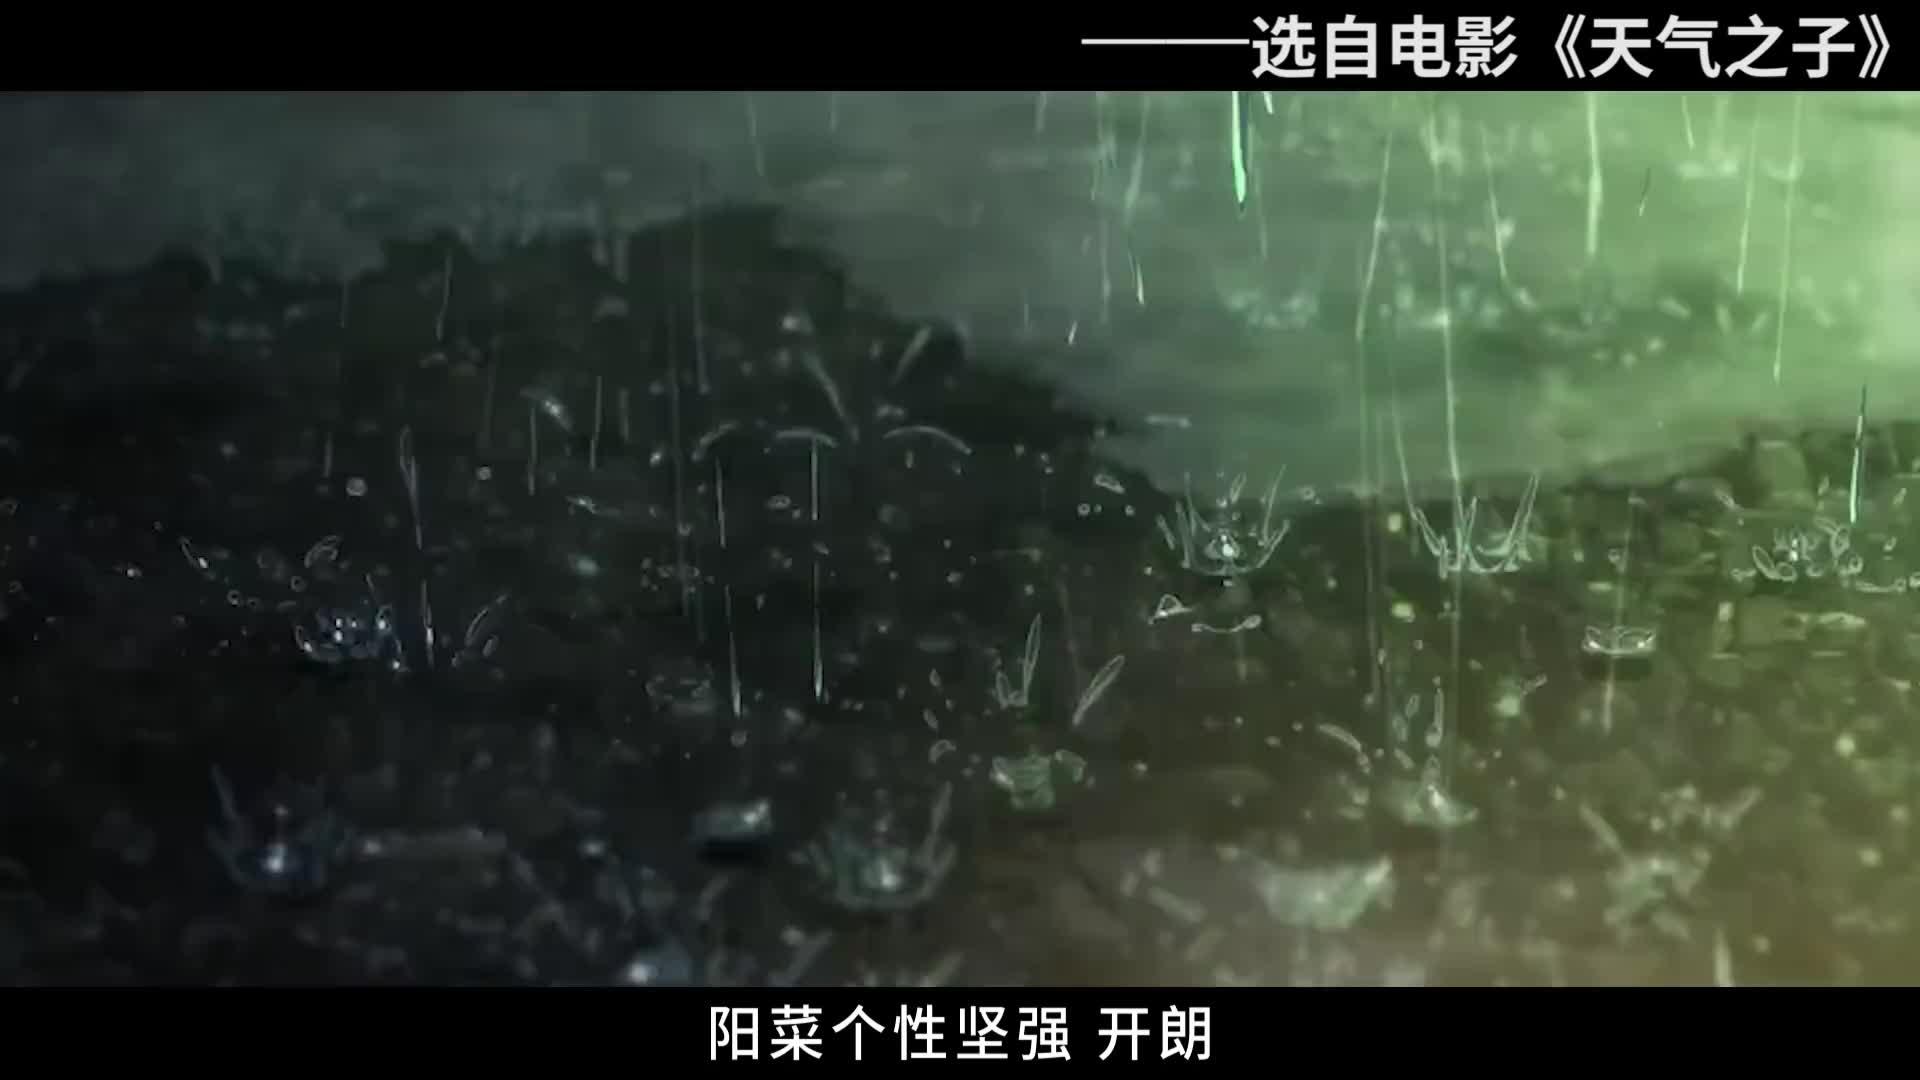 《科学嘻游记》 第15集 有哪些天气现象